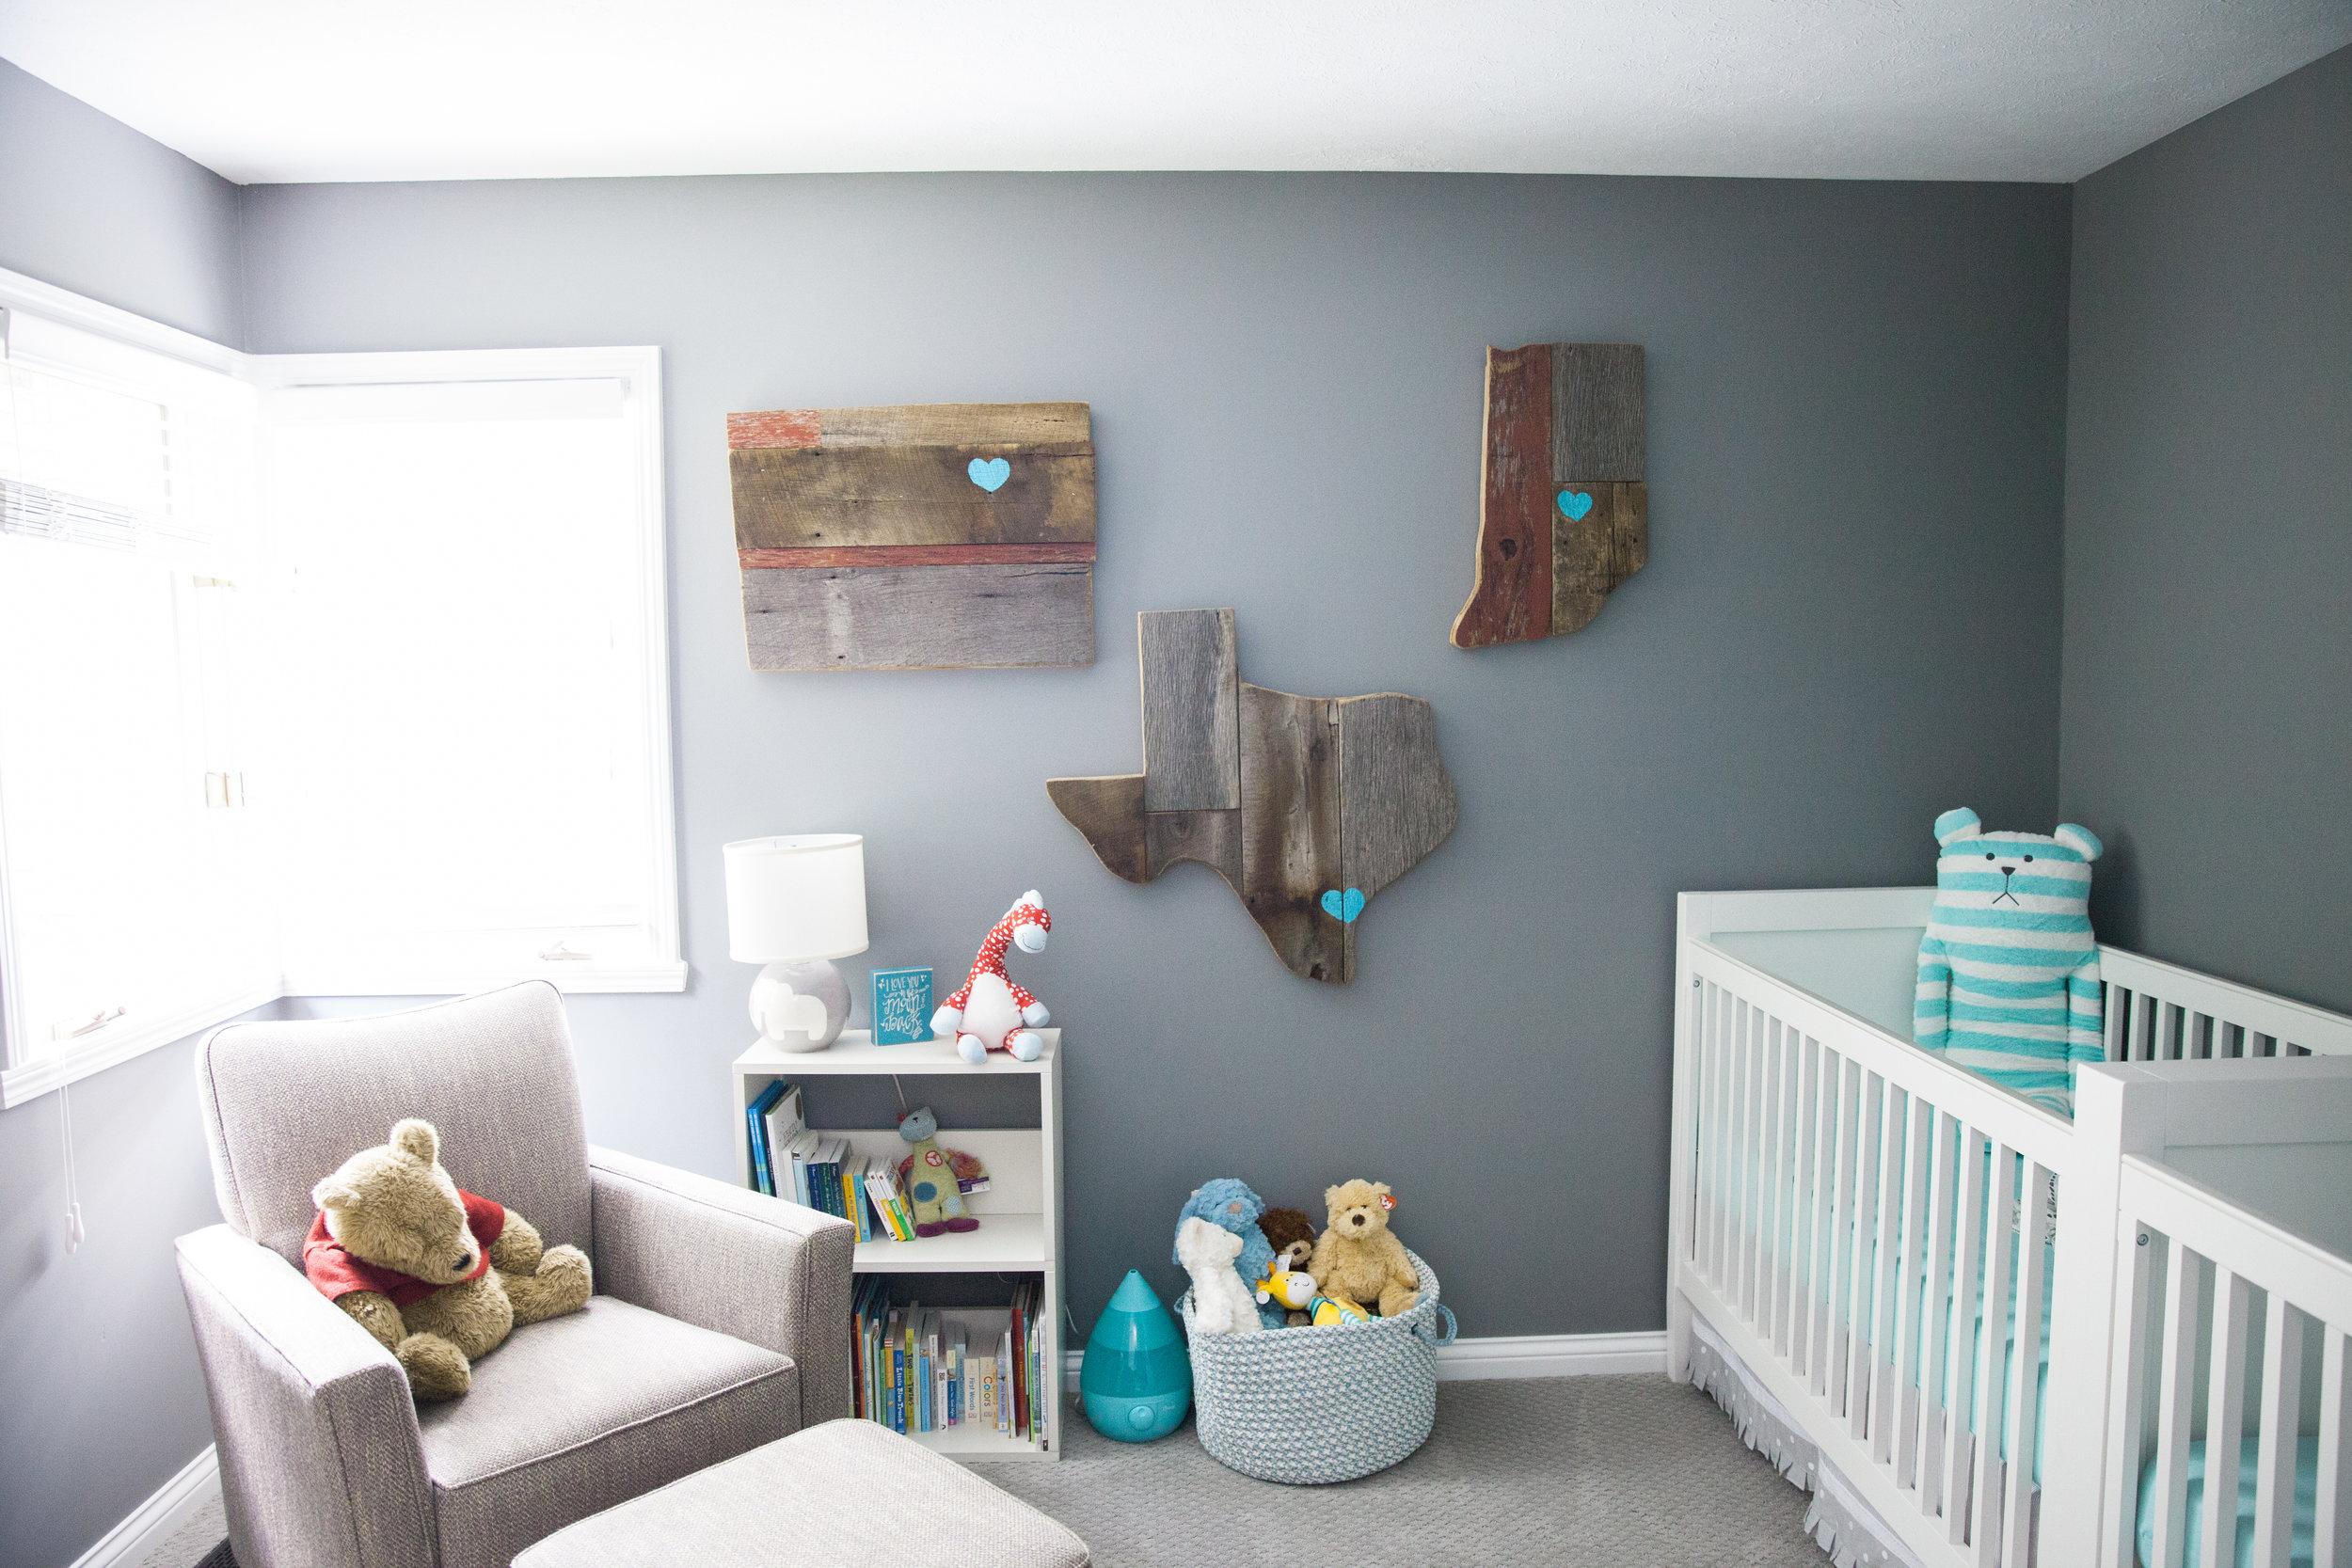 LisaDiederichPhotography_britton&casey_newbornphotography-20.jpg